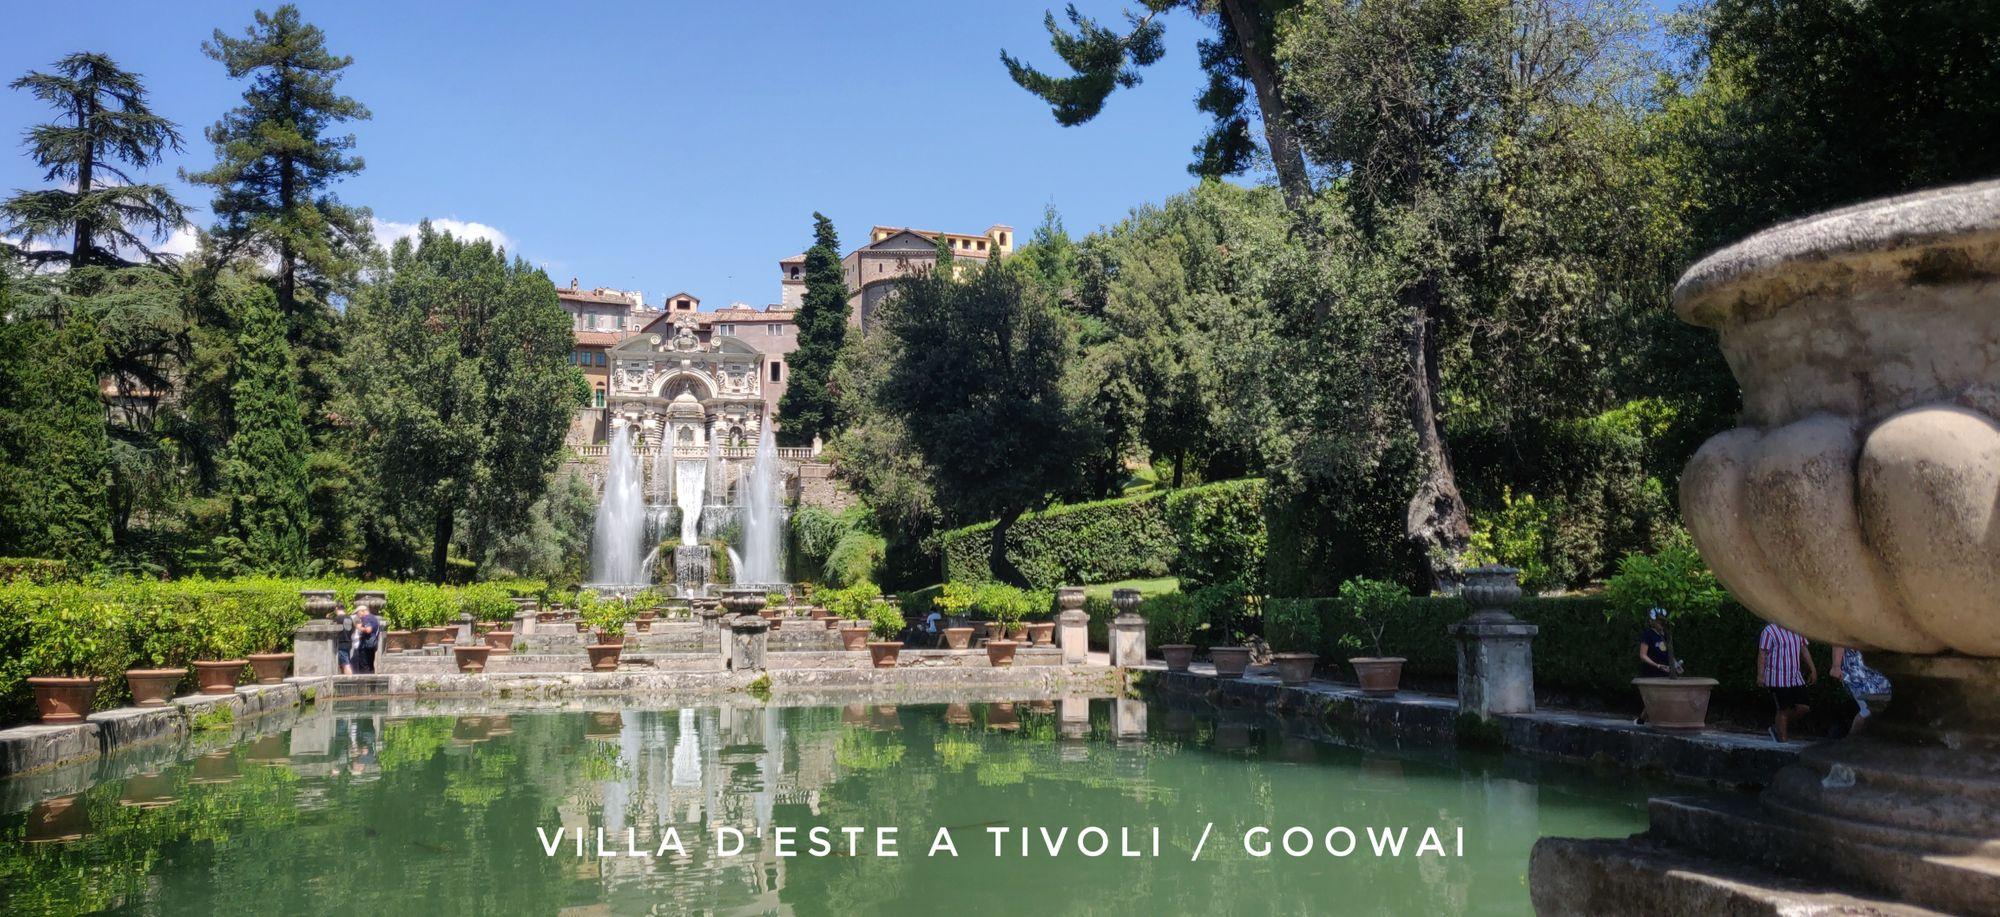 La villa d'Este a Tivoli le fontane